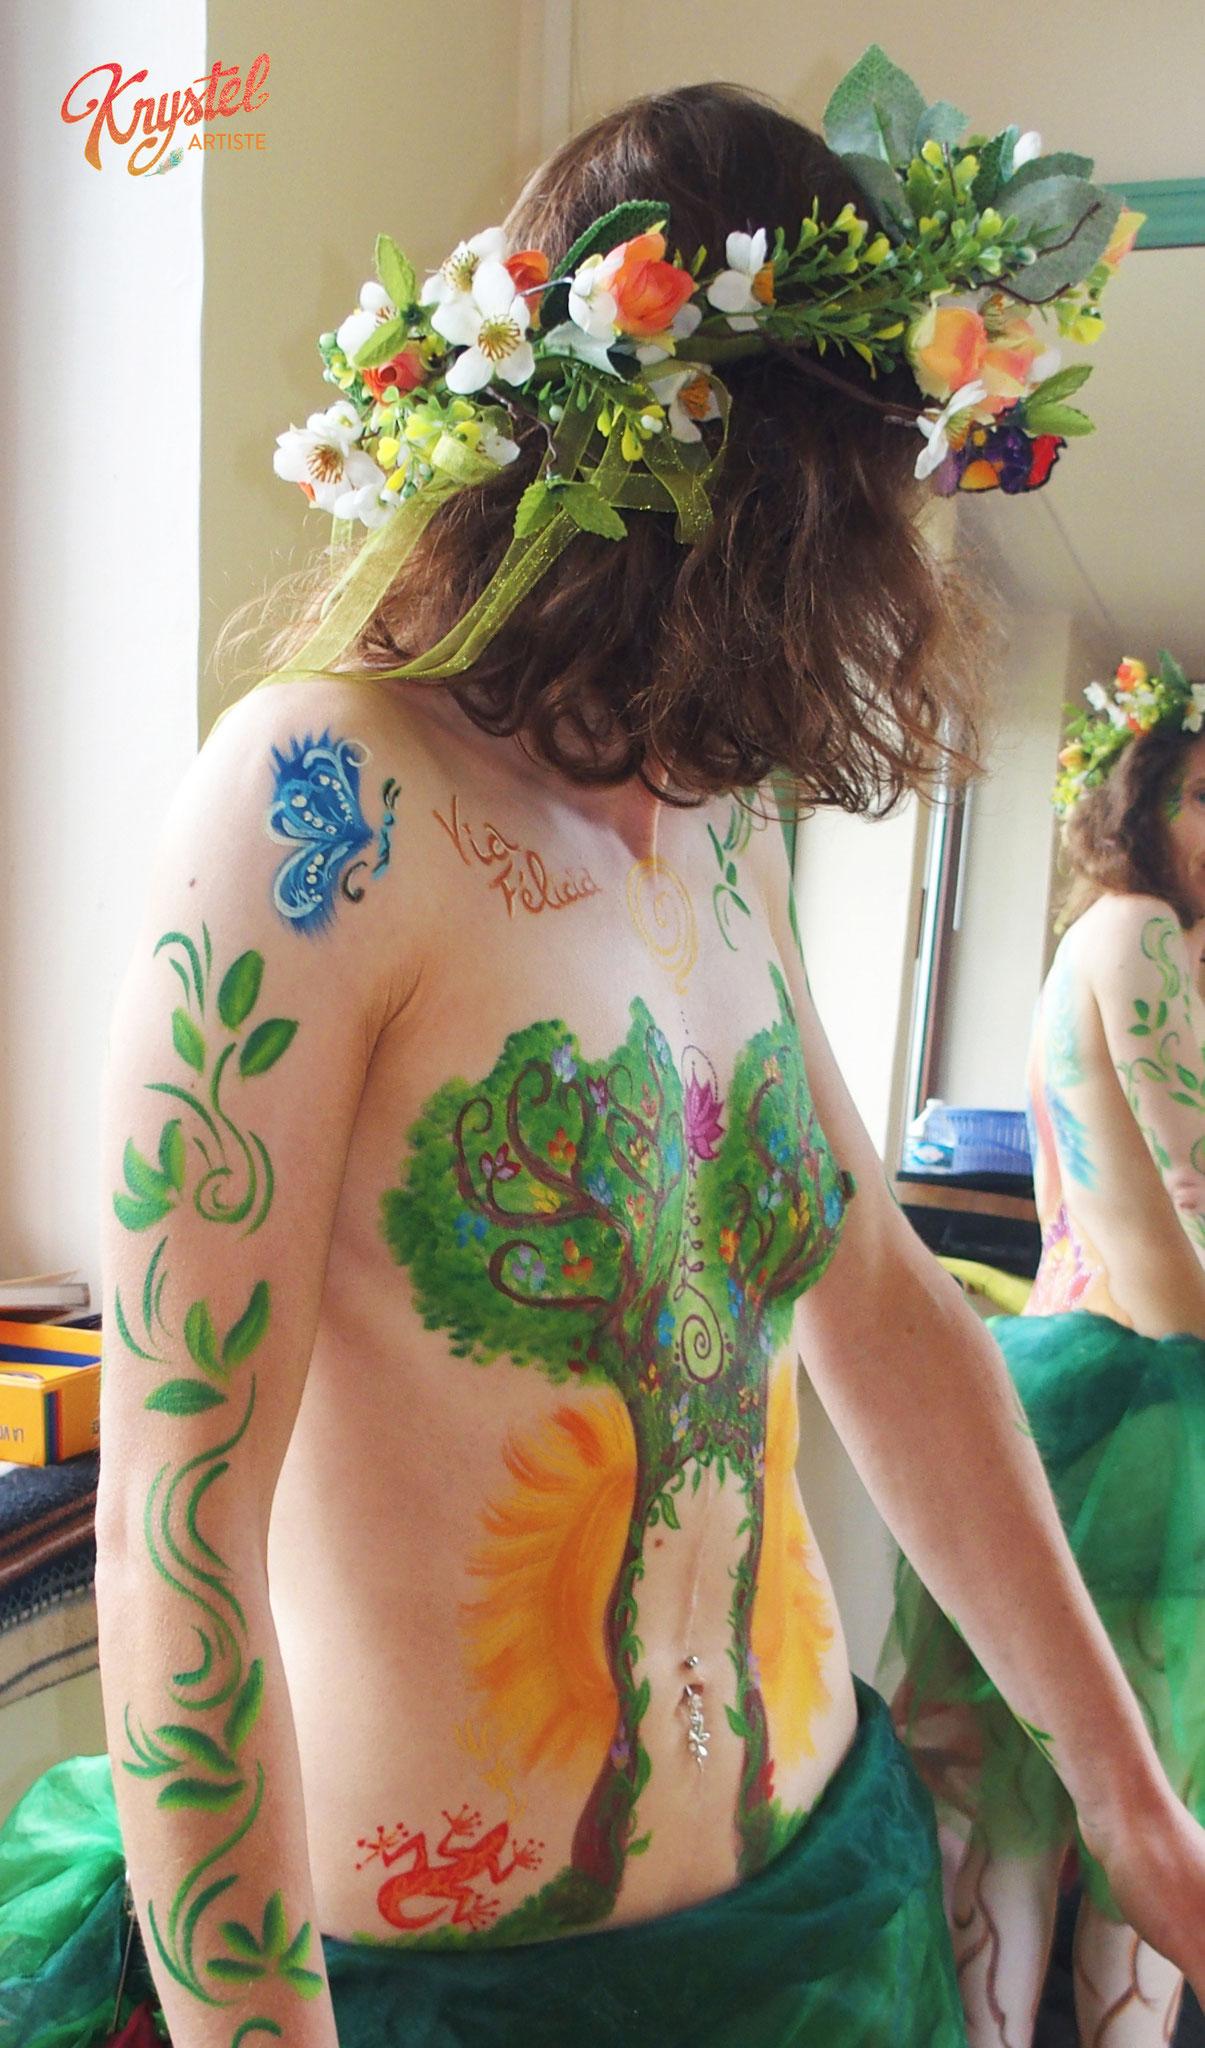 peinture corporelle, féminin